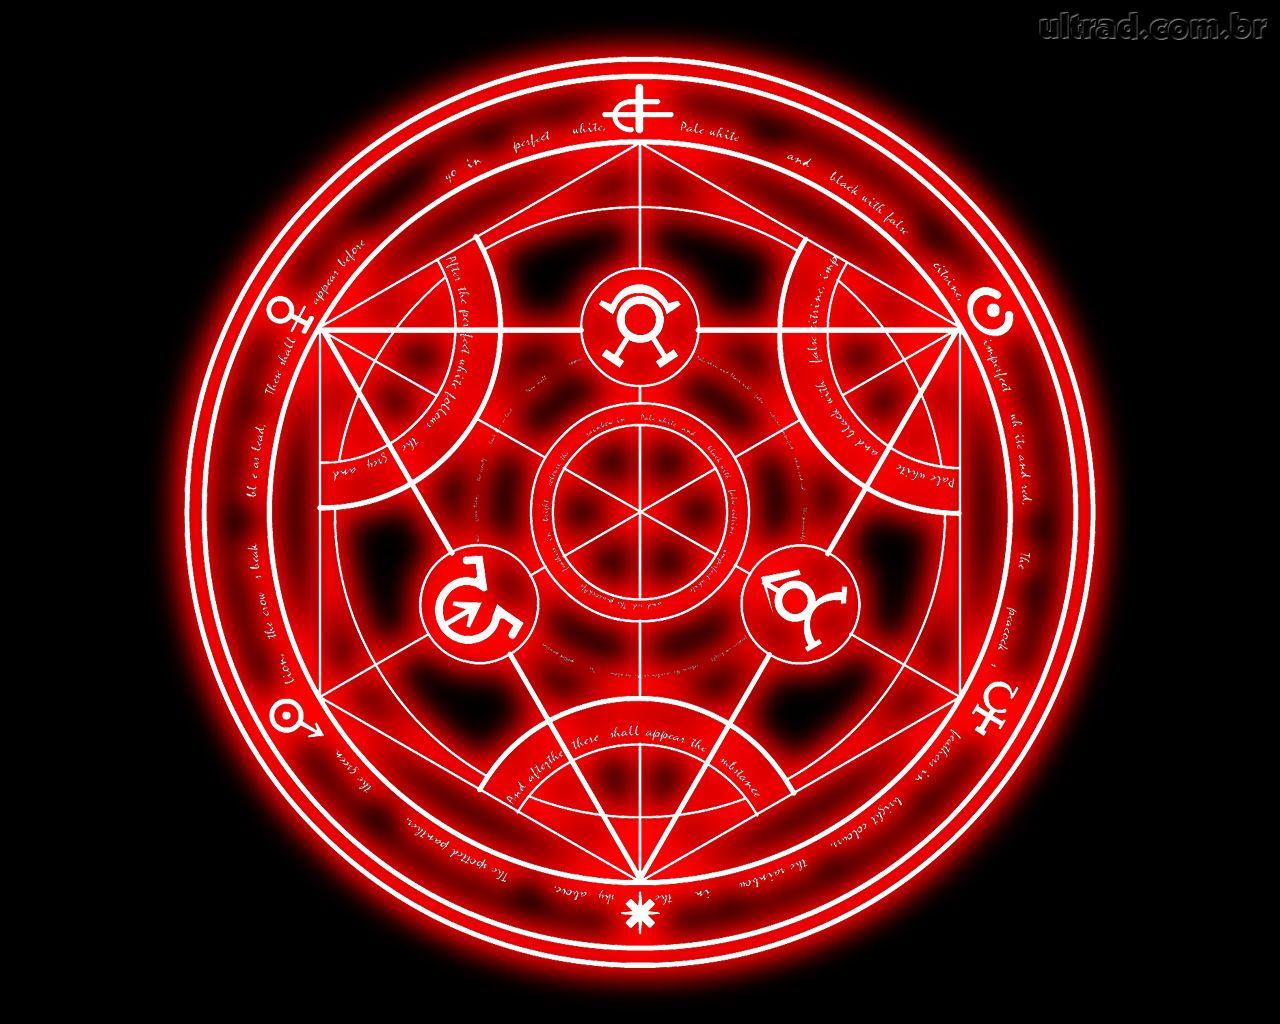 the alchemist creepypasta wiki fandom powered by wikia 93863 papel de parede fullmetal alchemist 93863 1280x1024